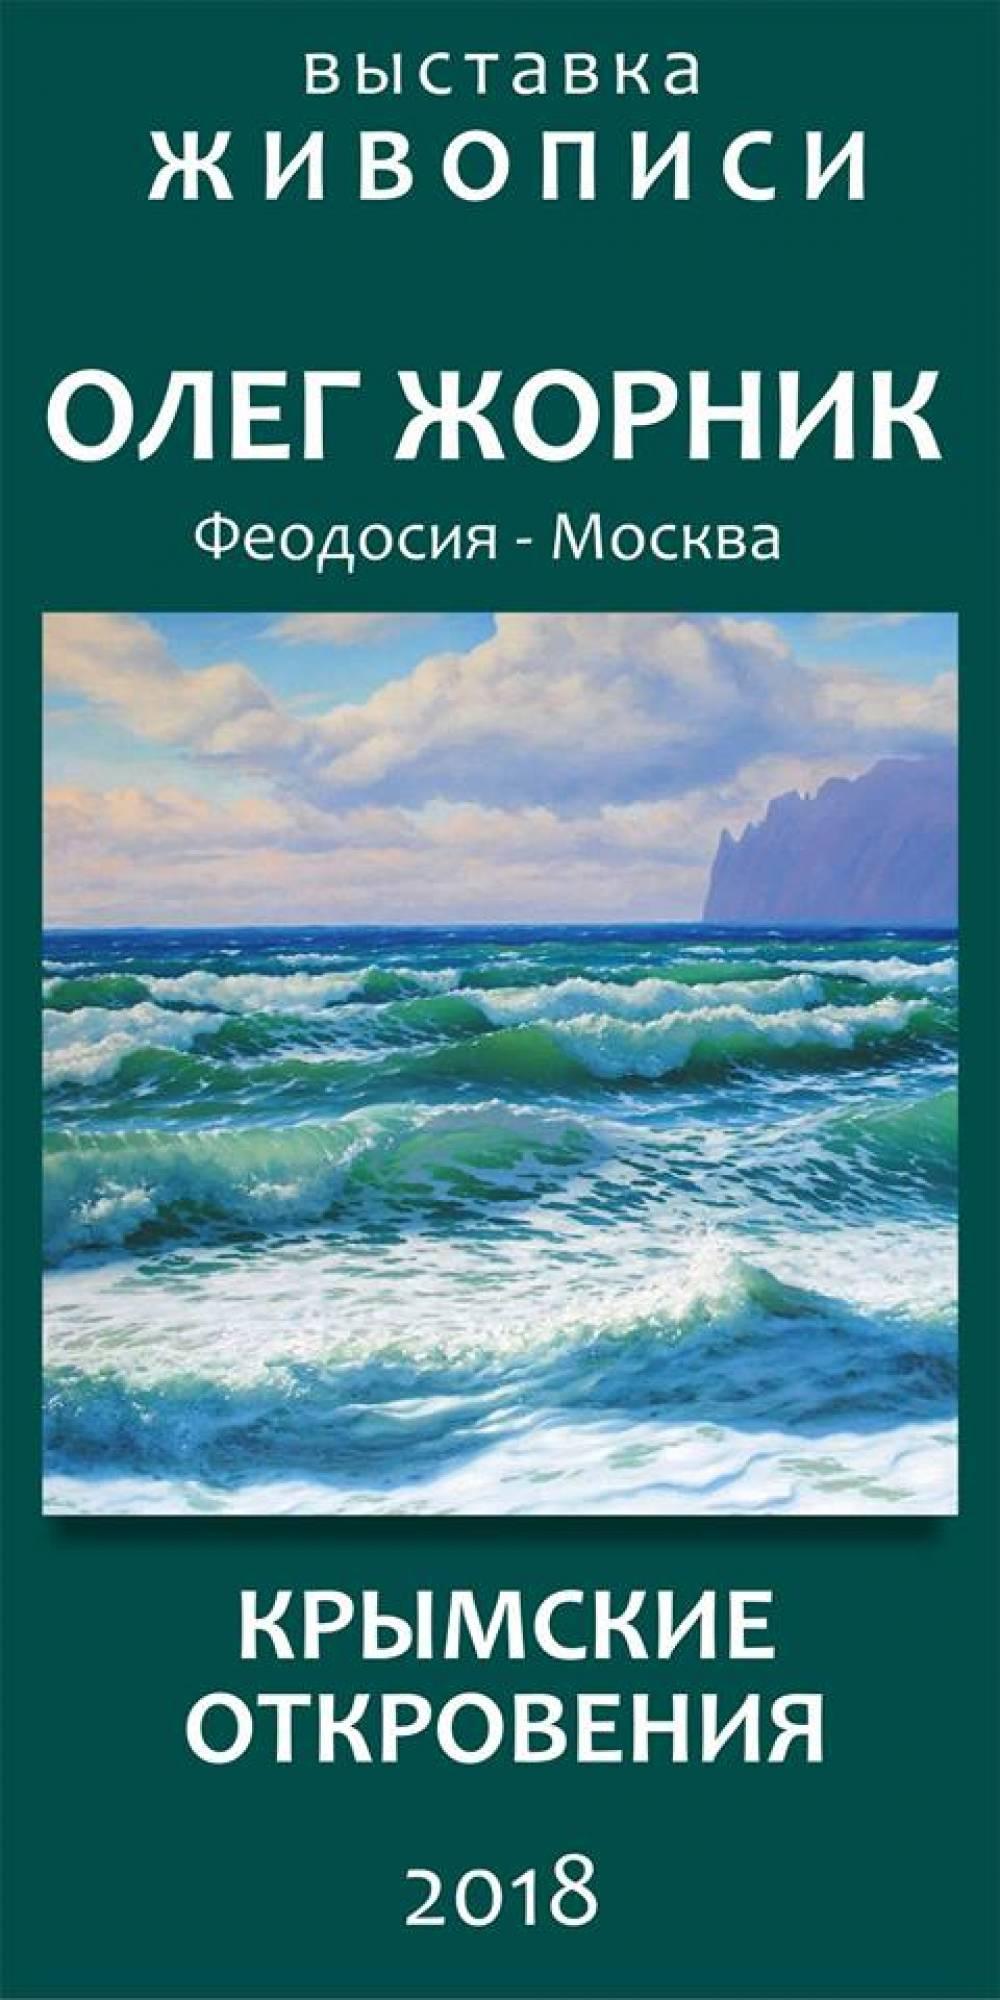 Художник поделится «Крымскими откровениями»